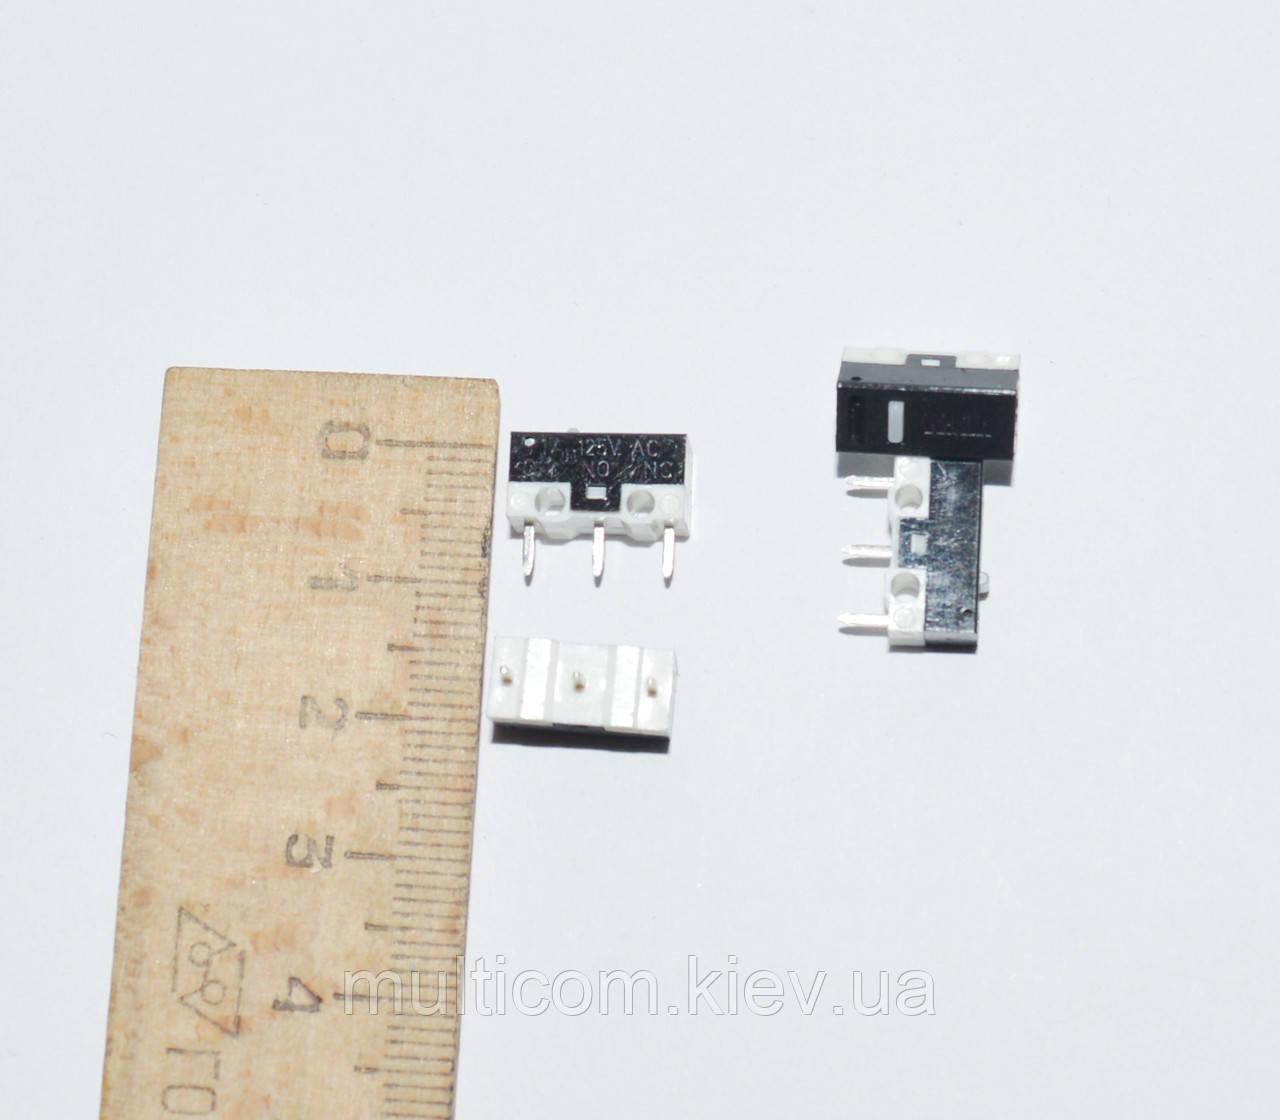 11-07-012. Микропереключатель MSW-21, 3pin, 1A, 125/250VAC